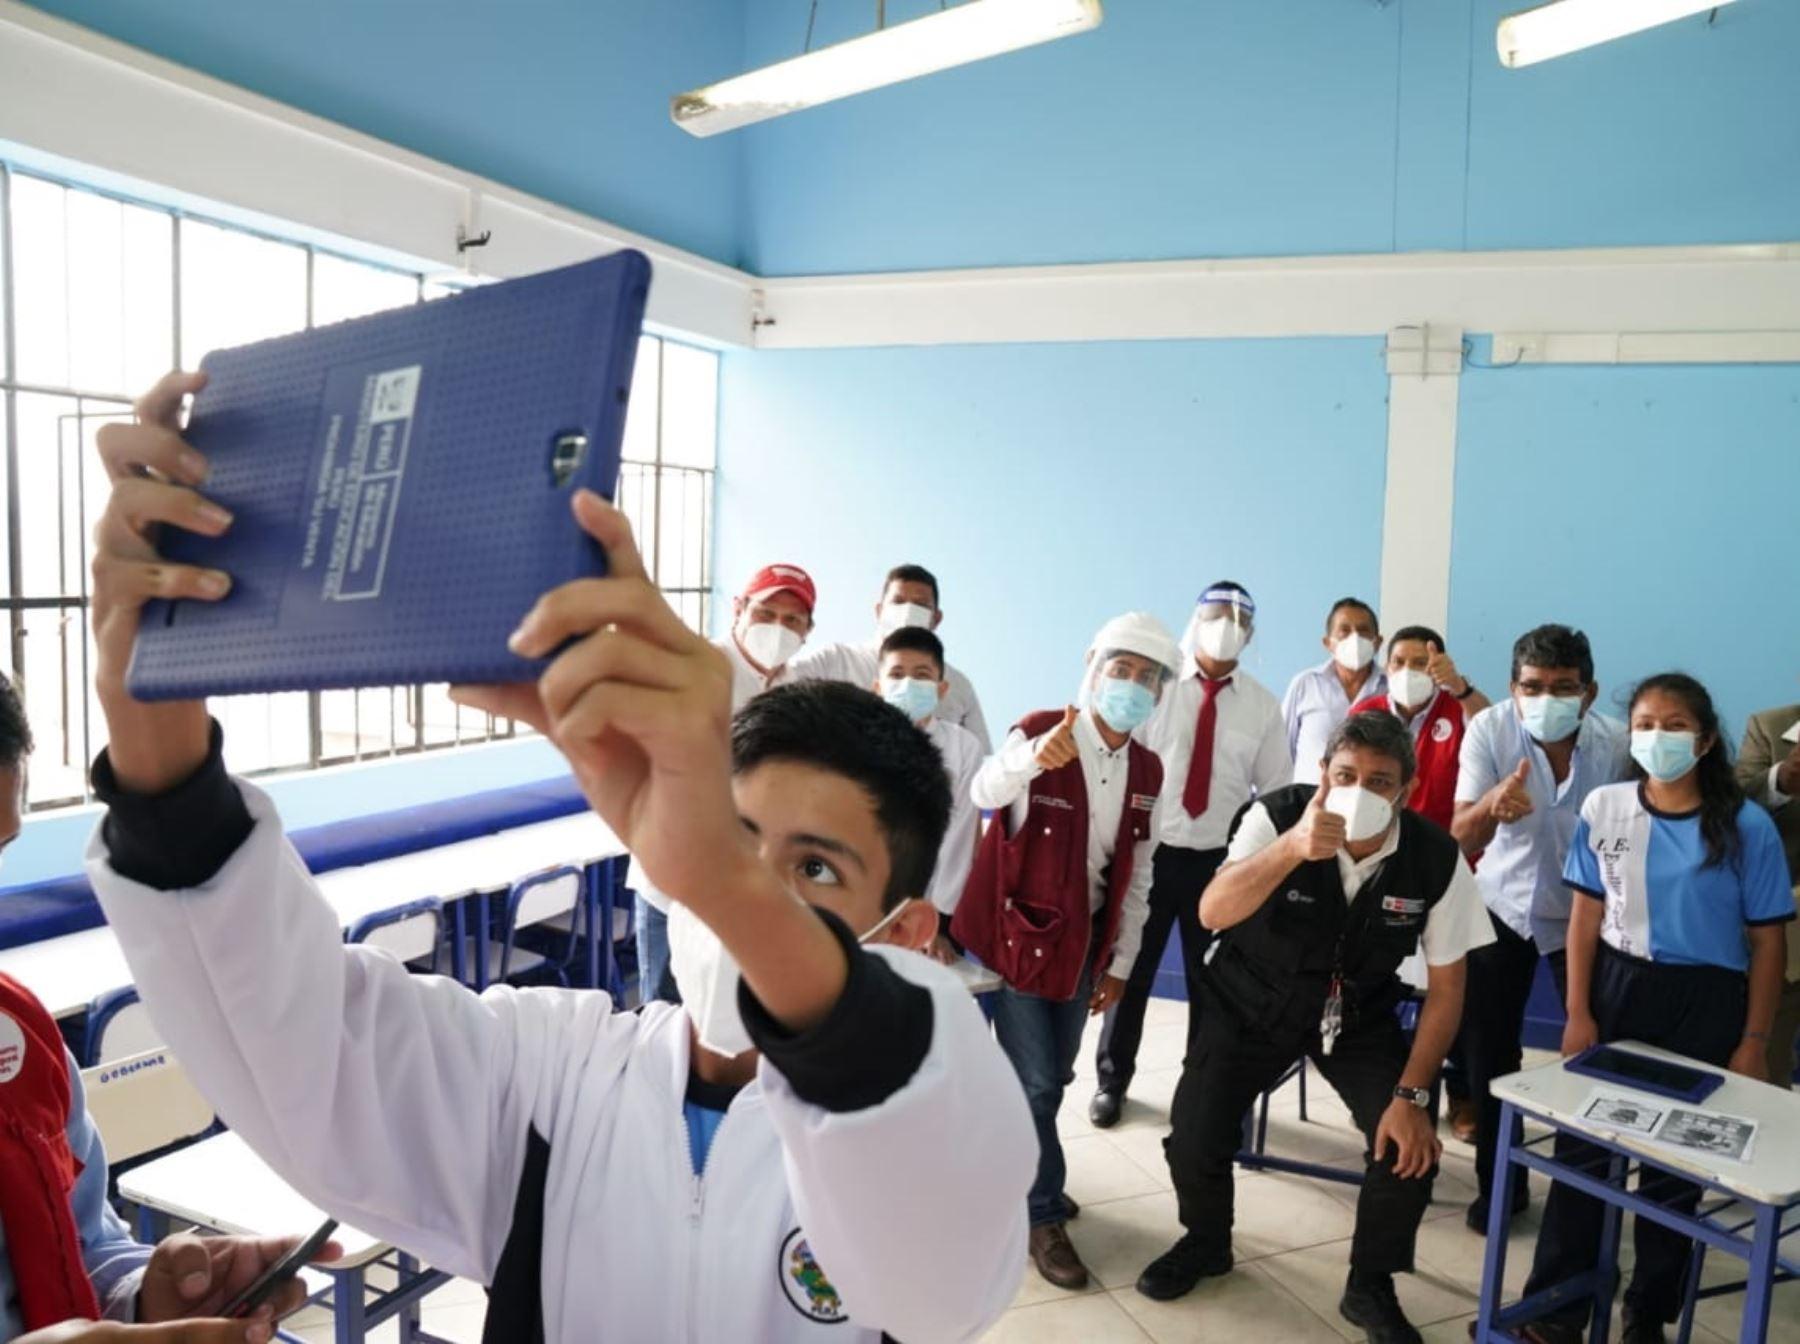 Piura ya dispone del total de las 77,012 tabletas electrónicas asignadas a esa región por el Ministerio de Educación. Estos equipos son distribuidos a las escuelas rurales de dicha región. ANDINA/Difusión